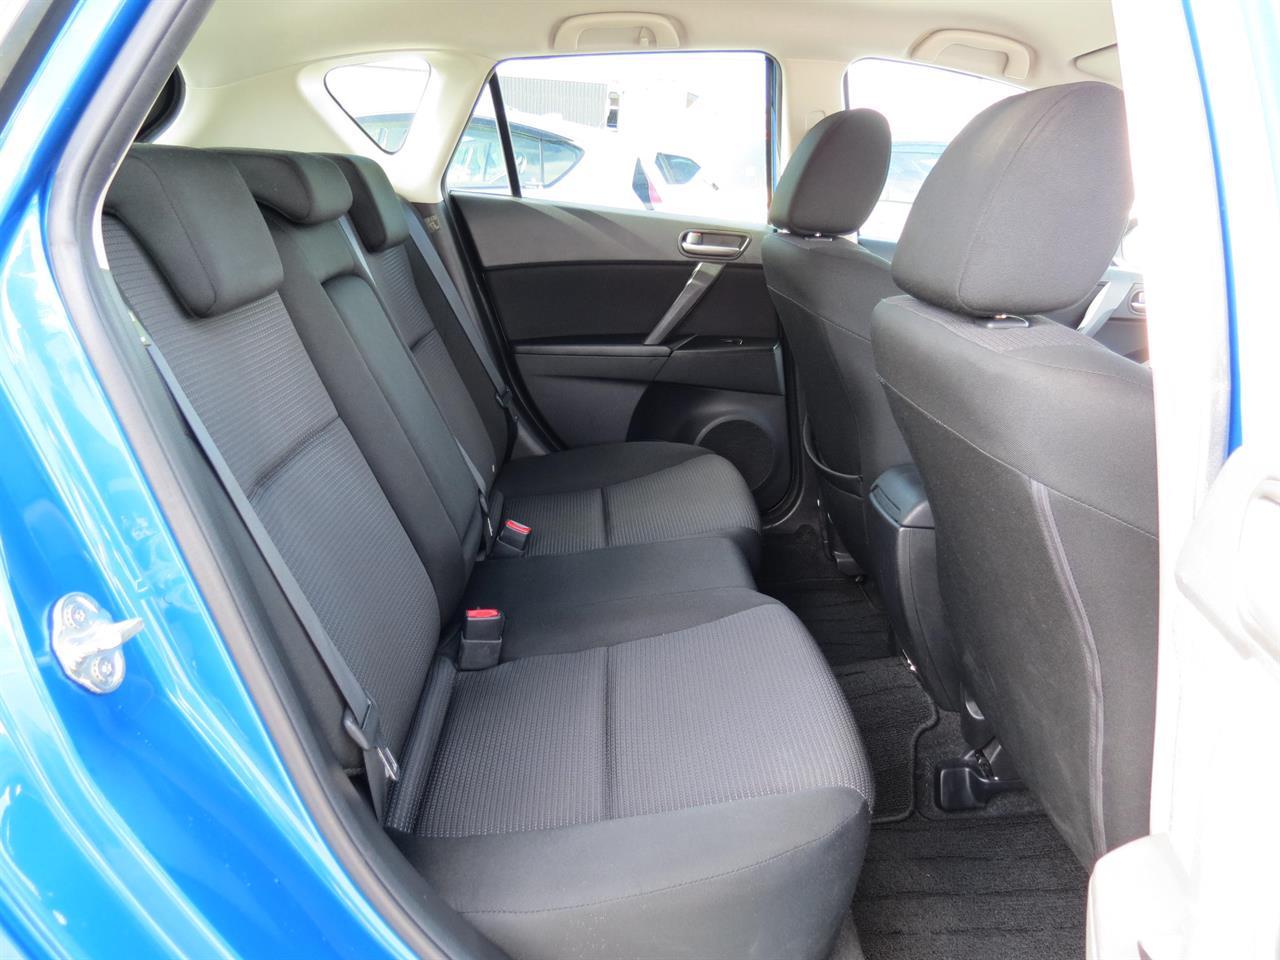 2012 Mazda Axela   only $40 weekly